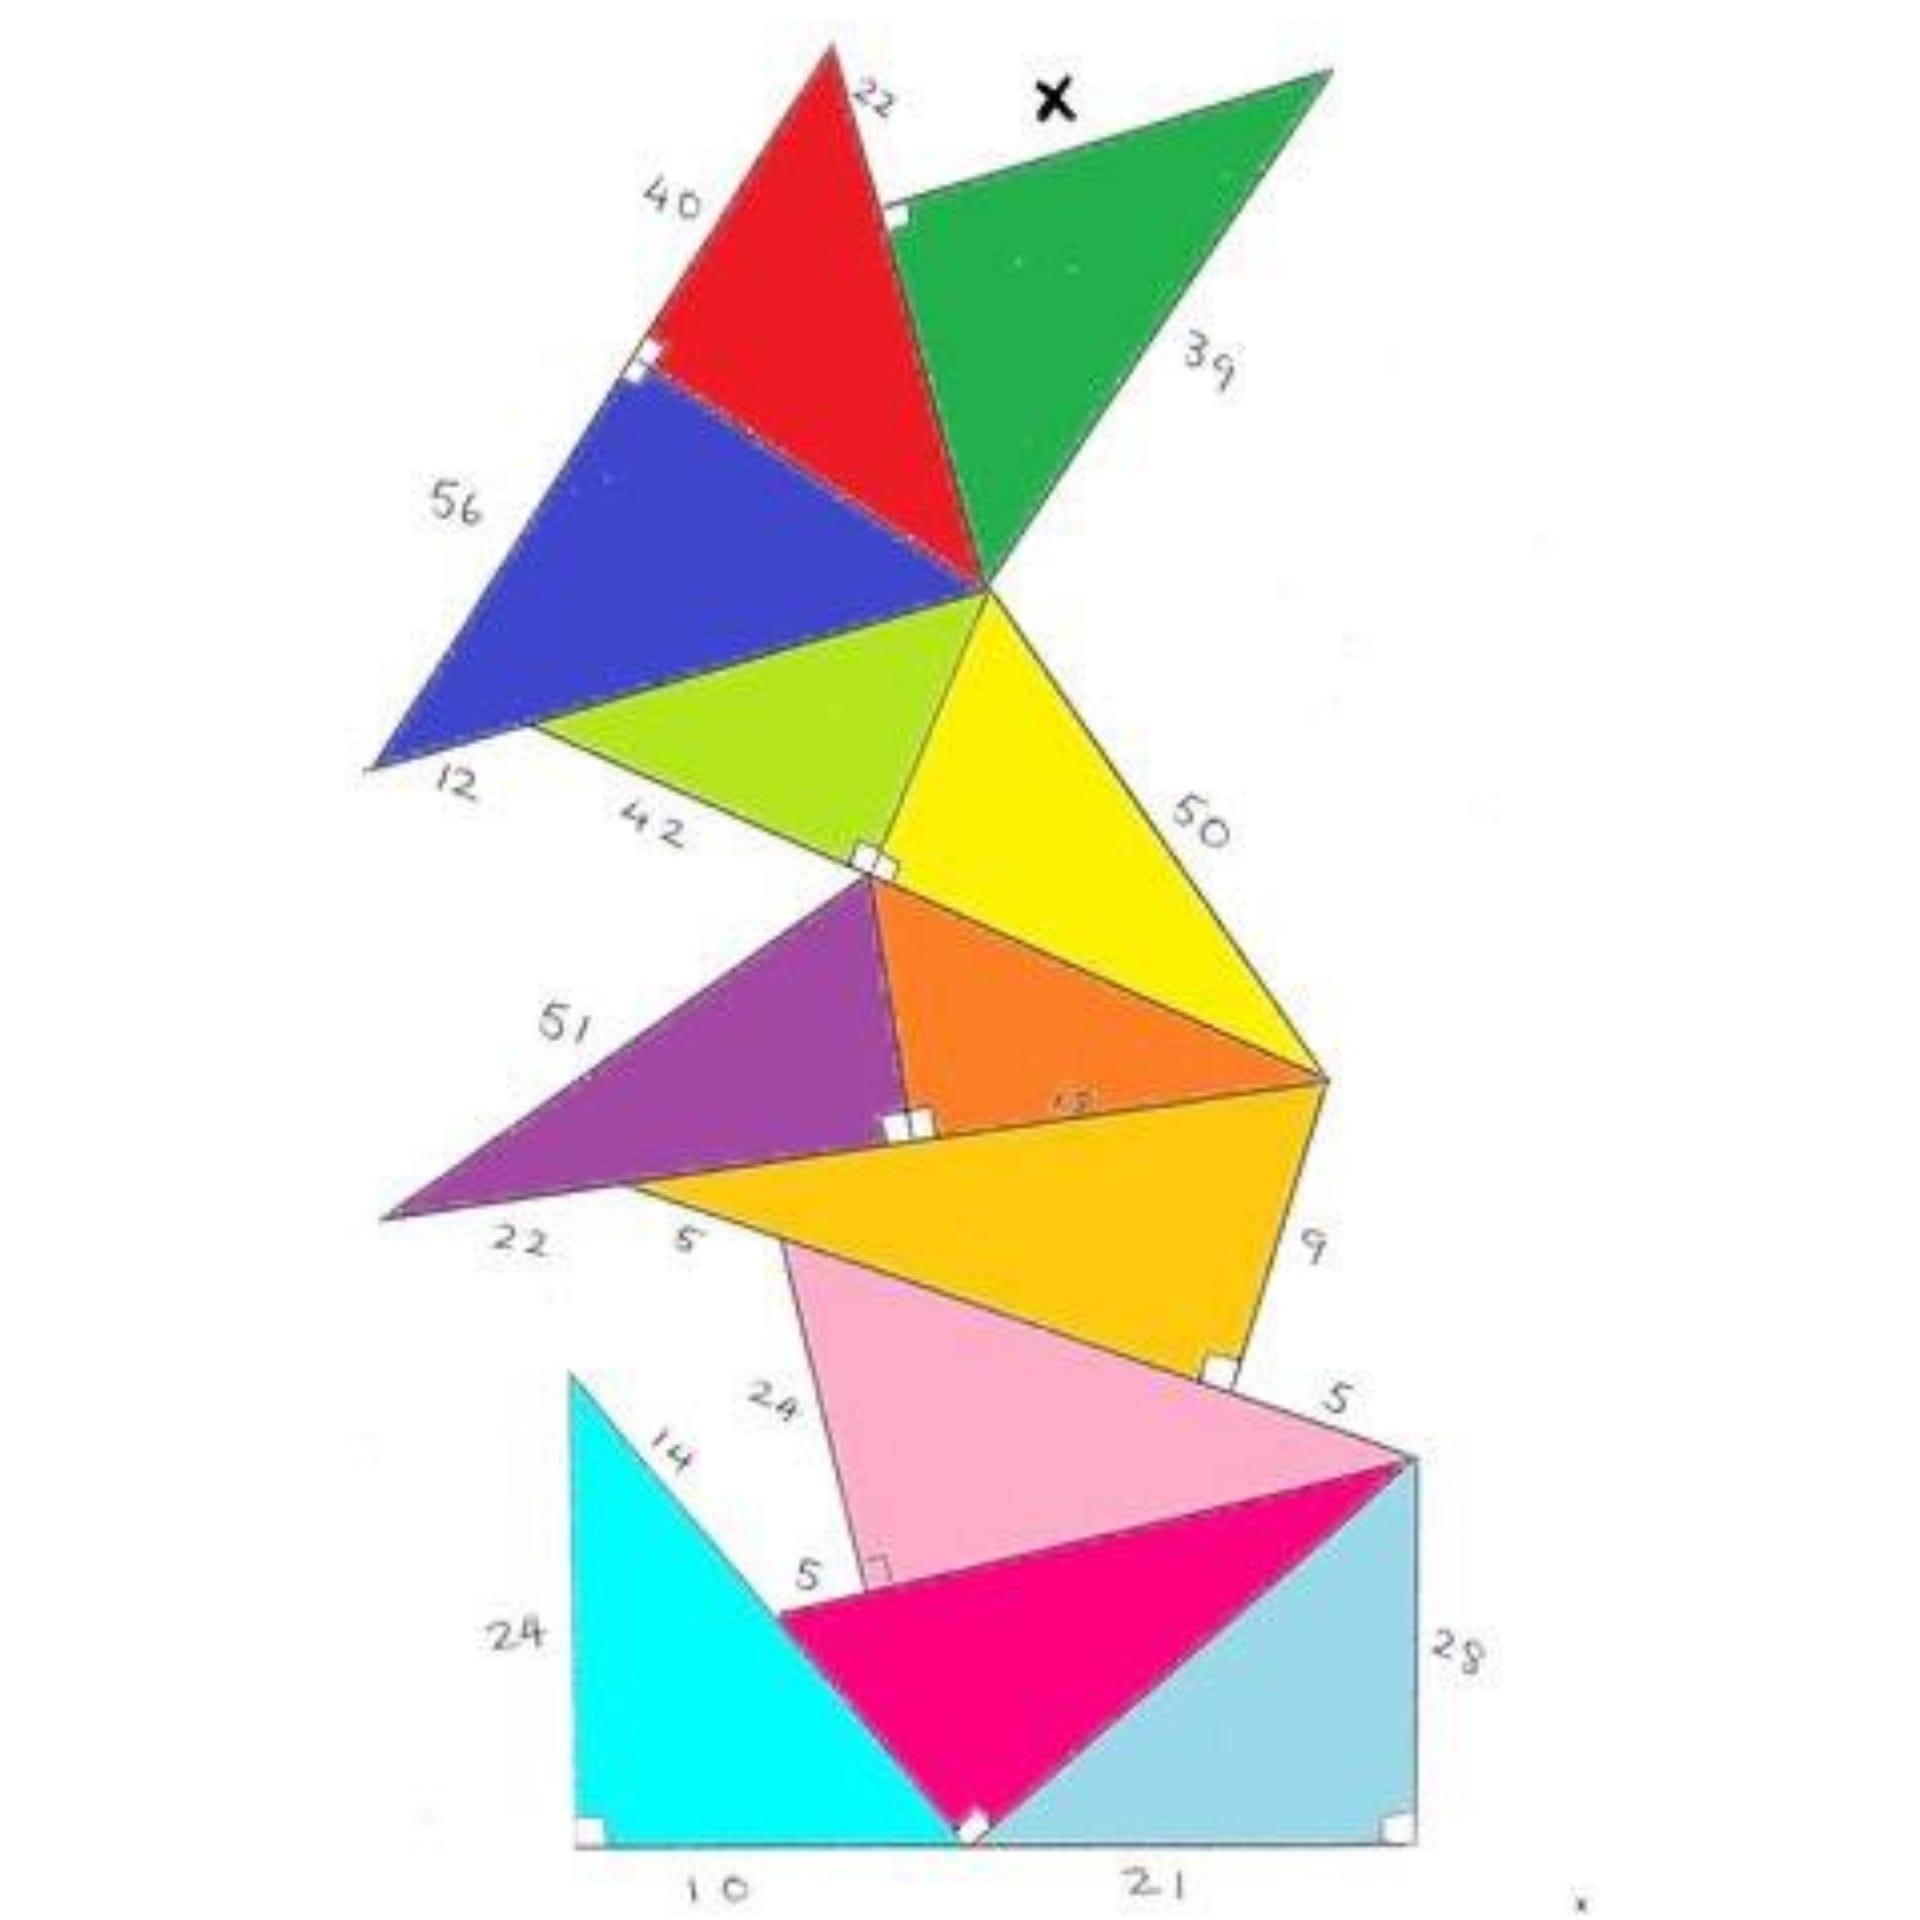 пифагоровы штаны математика кружок отзывы